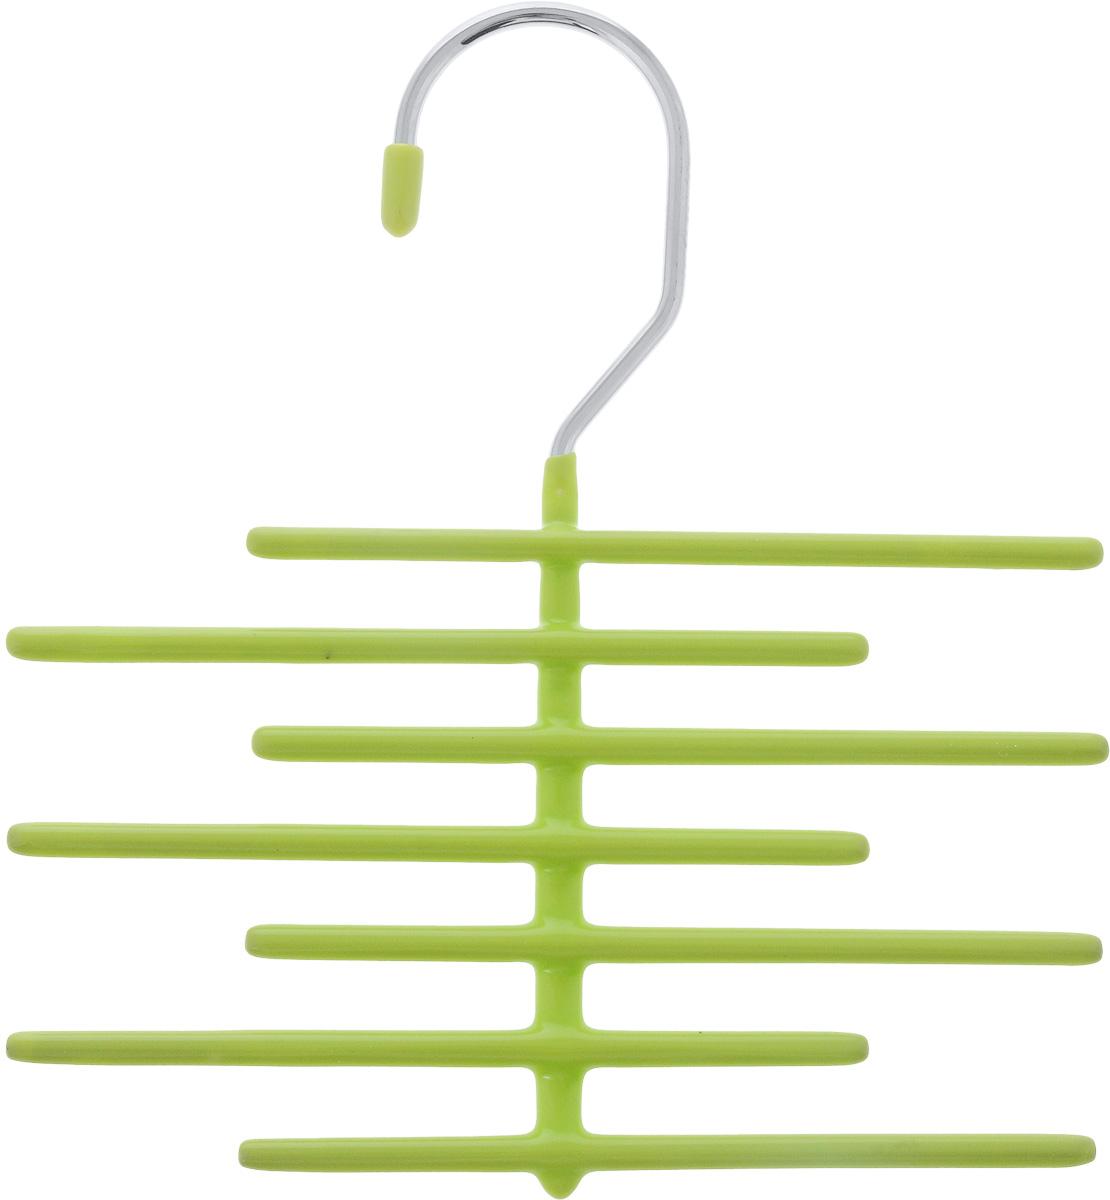 Вешалка для галстуков Attribute Home, цвет: салатовый, длина 18 смAHS861Вешалка для галстуков Attribute Home выполнена из качественной стали. Благодаря инновационному покрытию из ПВХ, вещи не соскальзывают с вешалки. Изделие содержит 7 перекладин для галстуков. Удобная вешалка Attribute Home позволит компактно и аккуратно хранить галстуки и другие аксессуары. Длина вешалки: 18 см. Длина перекладины: 14 см.